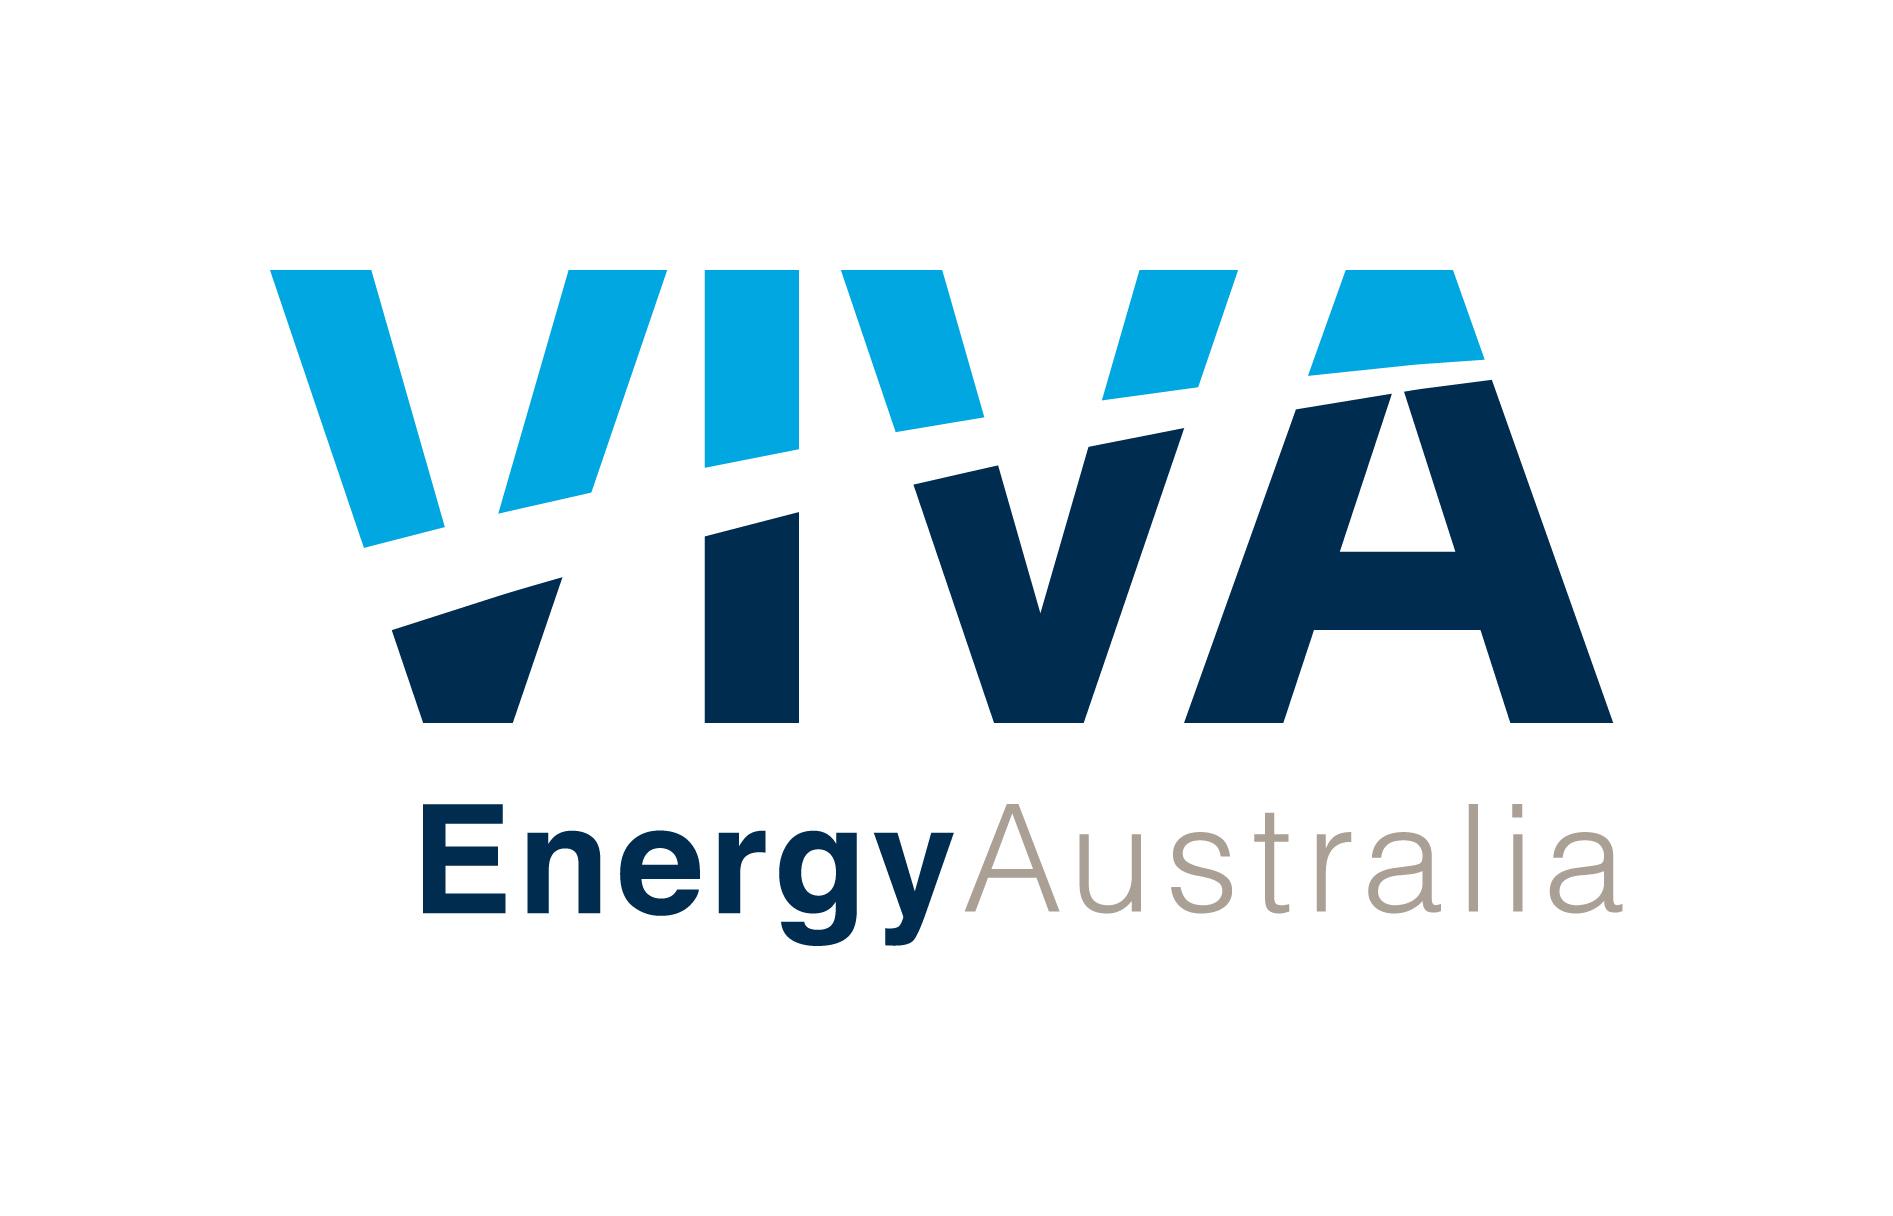 Viva-Energy-Australia-RGB.jpg